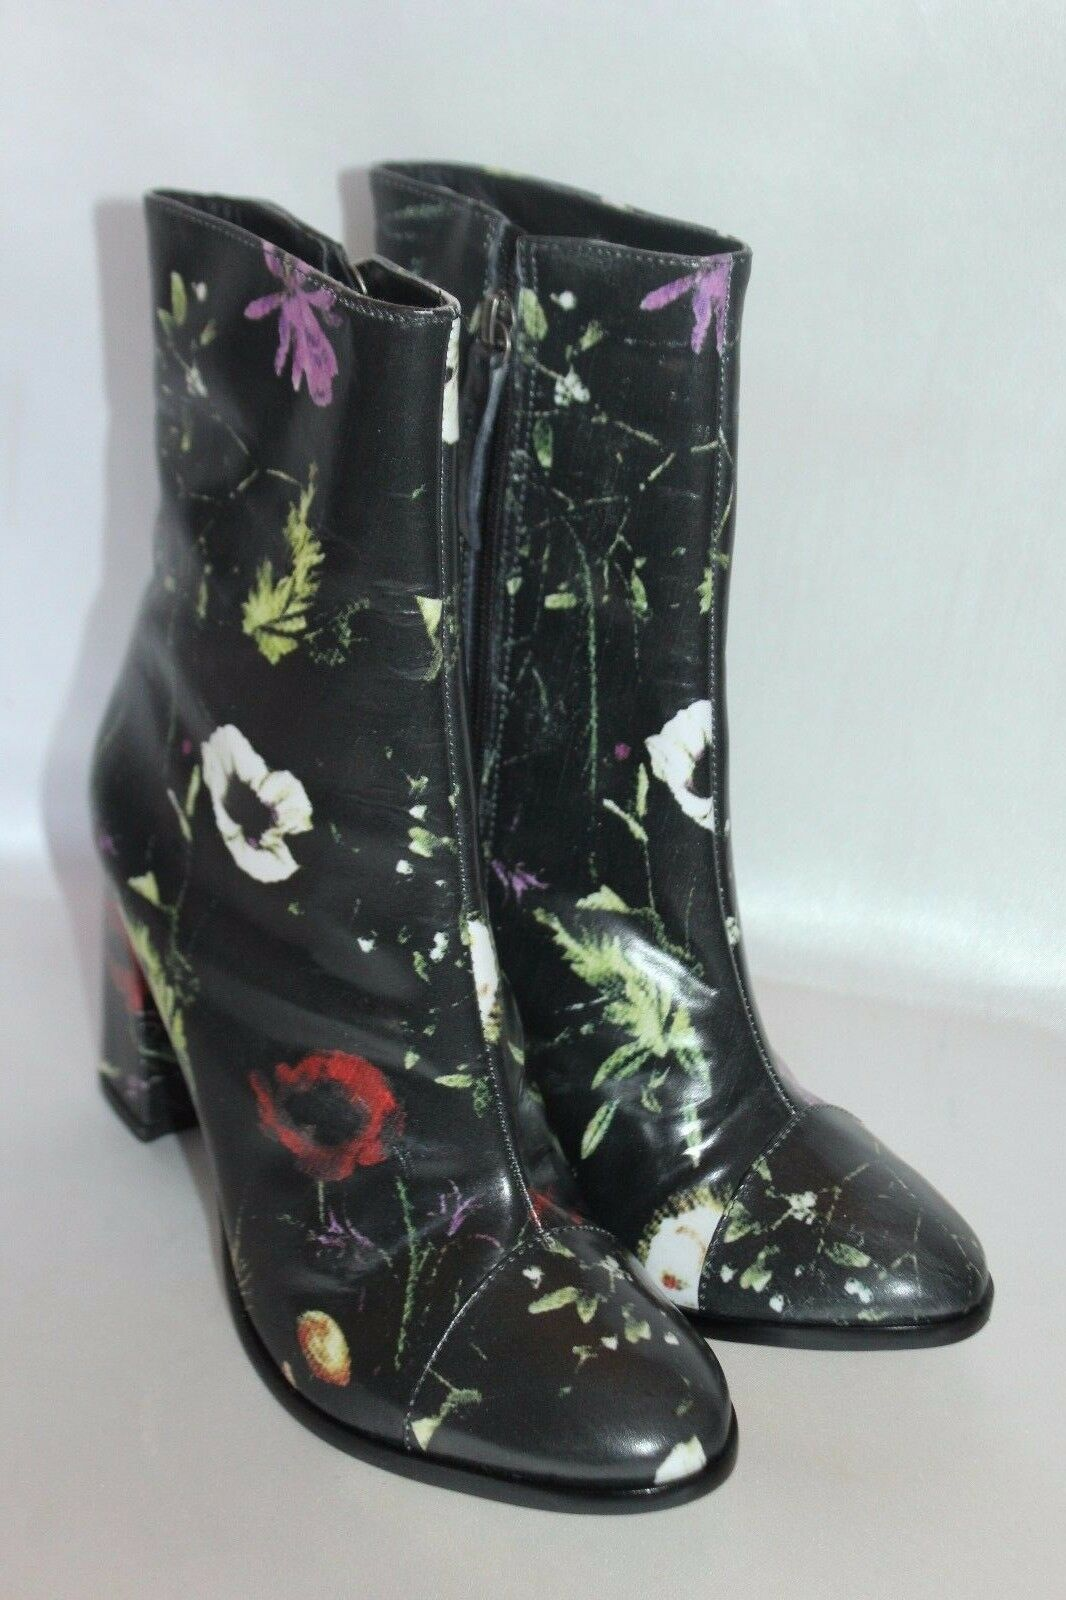 Nuevo  Talla de de de Matisse cuero Floral Negro botas al Tobillo Cremallera Posey Tacón Alto Talla 7.5  205 a881a1